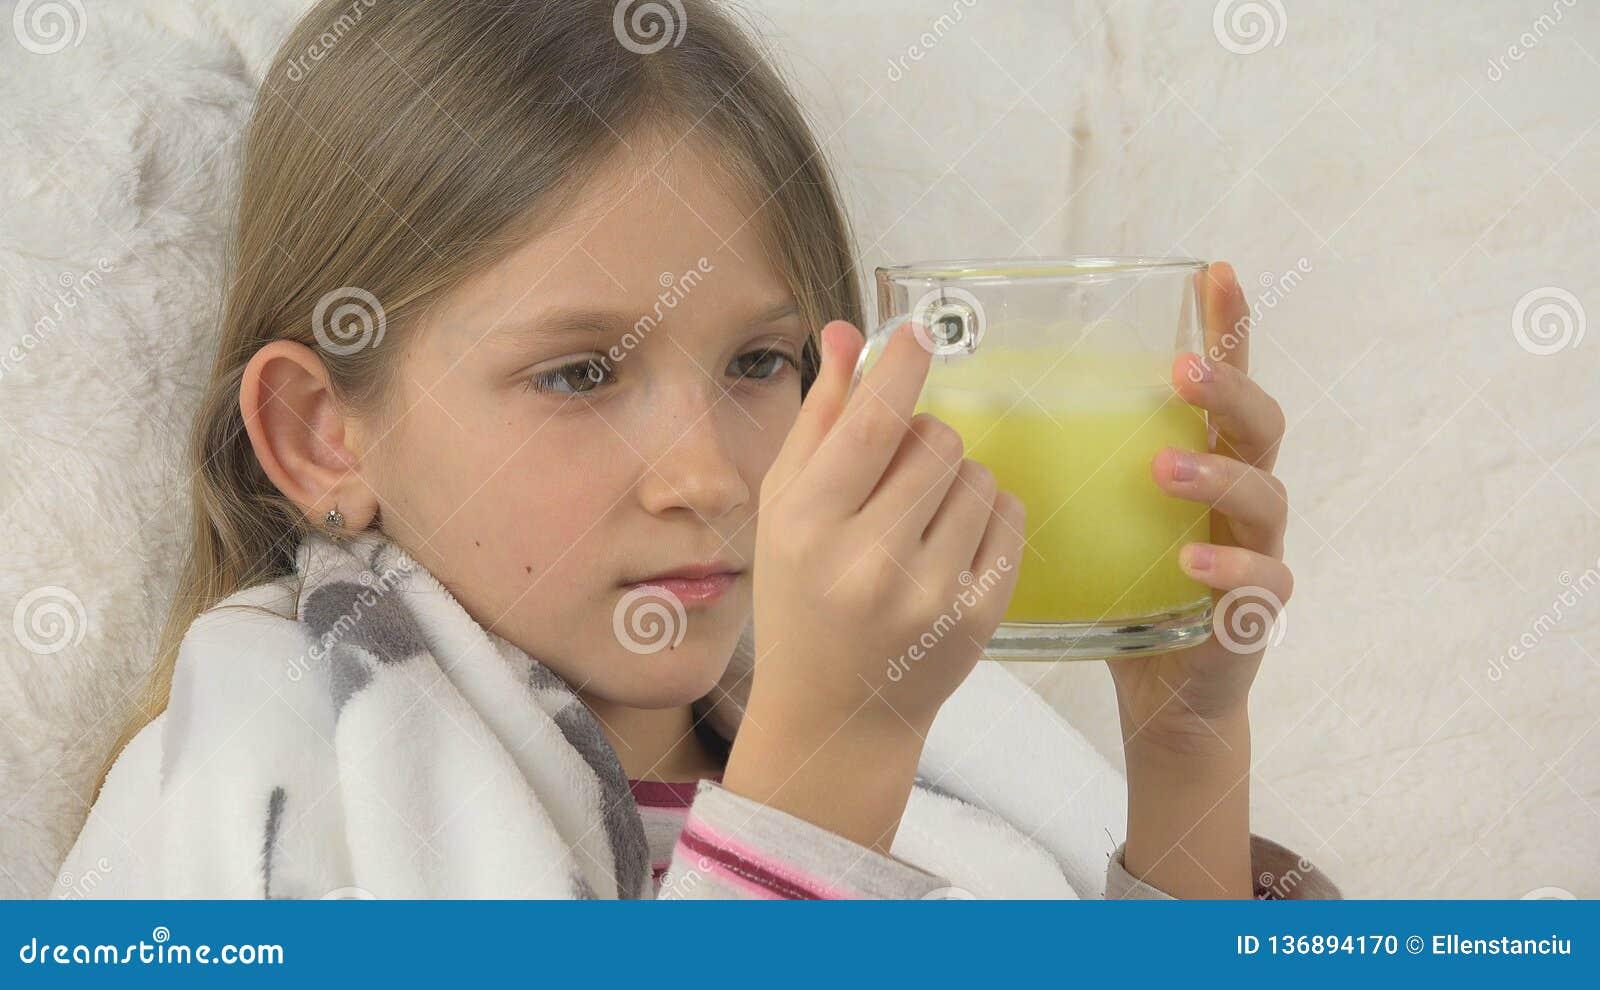 Sjuk barnframsida som dåligt dricker droger, ledsen flicka, ungestående med medikamentet, soffa